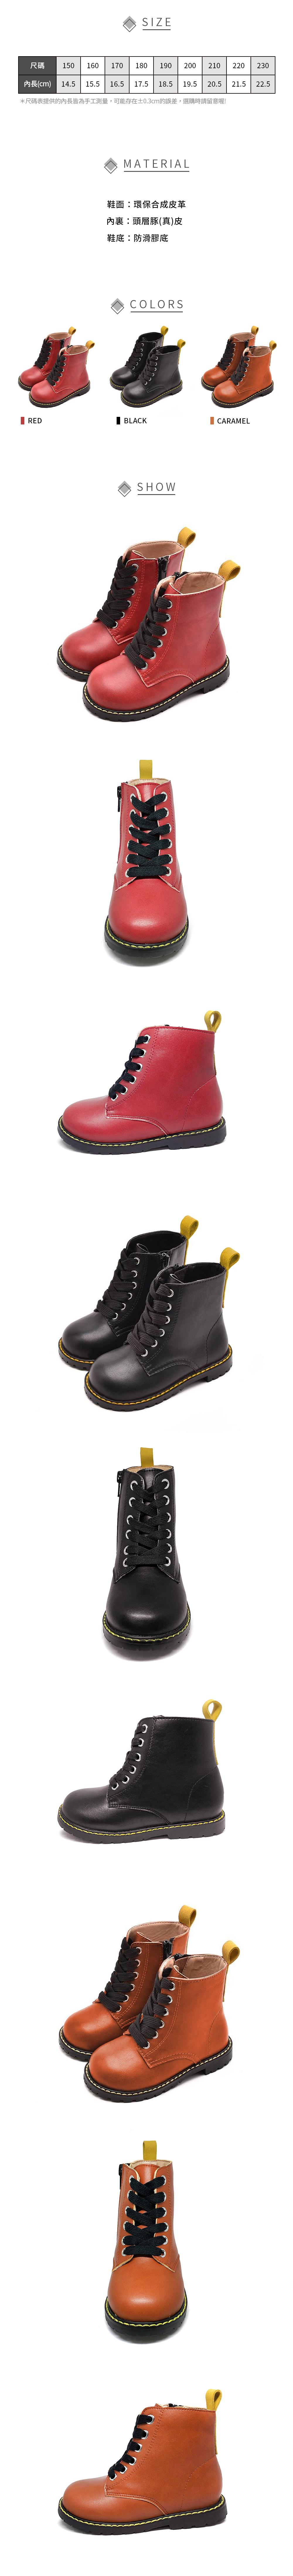 復古六孔靴商品頁.png